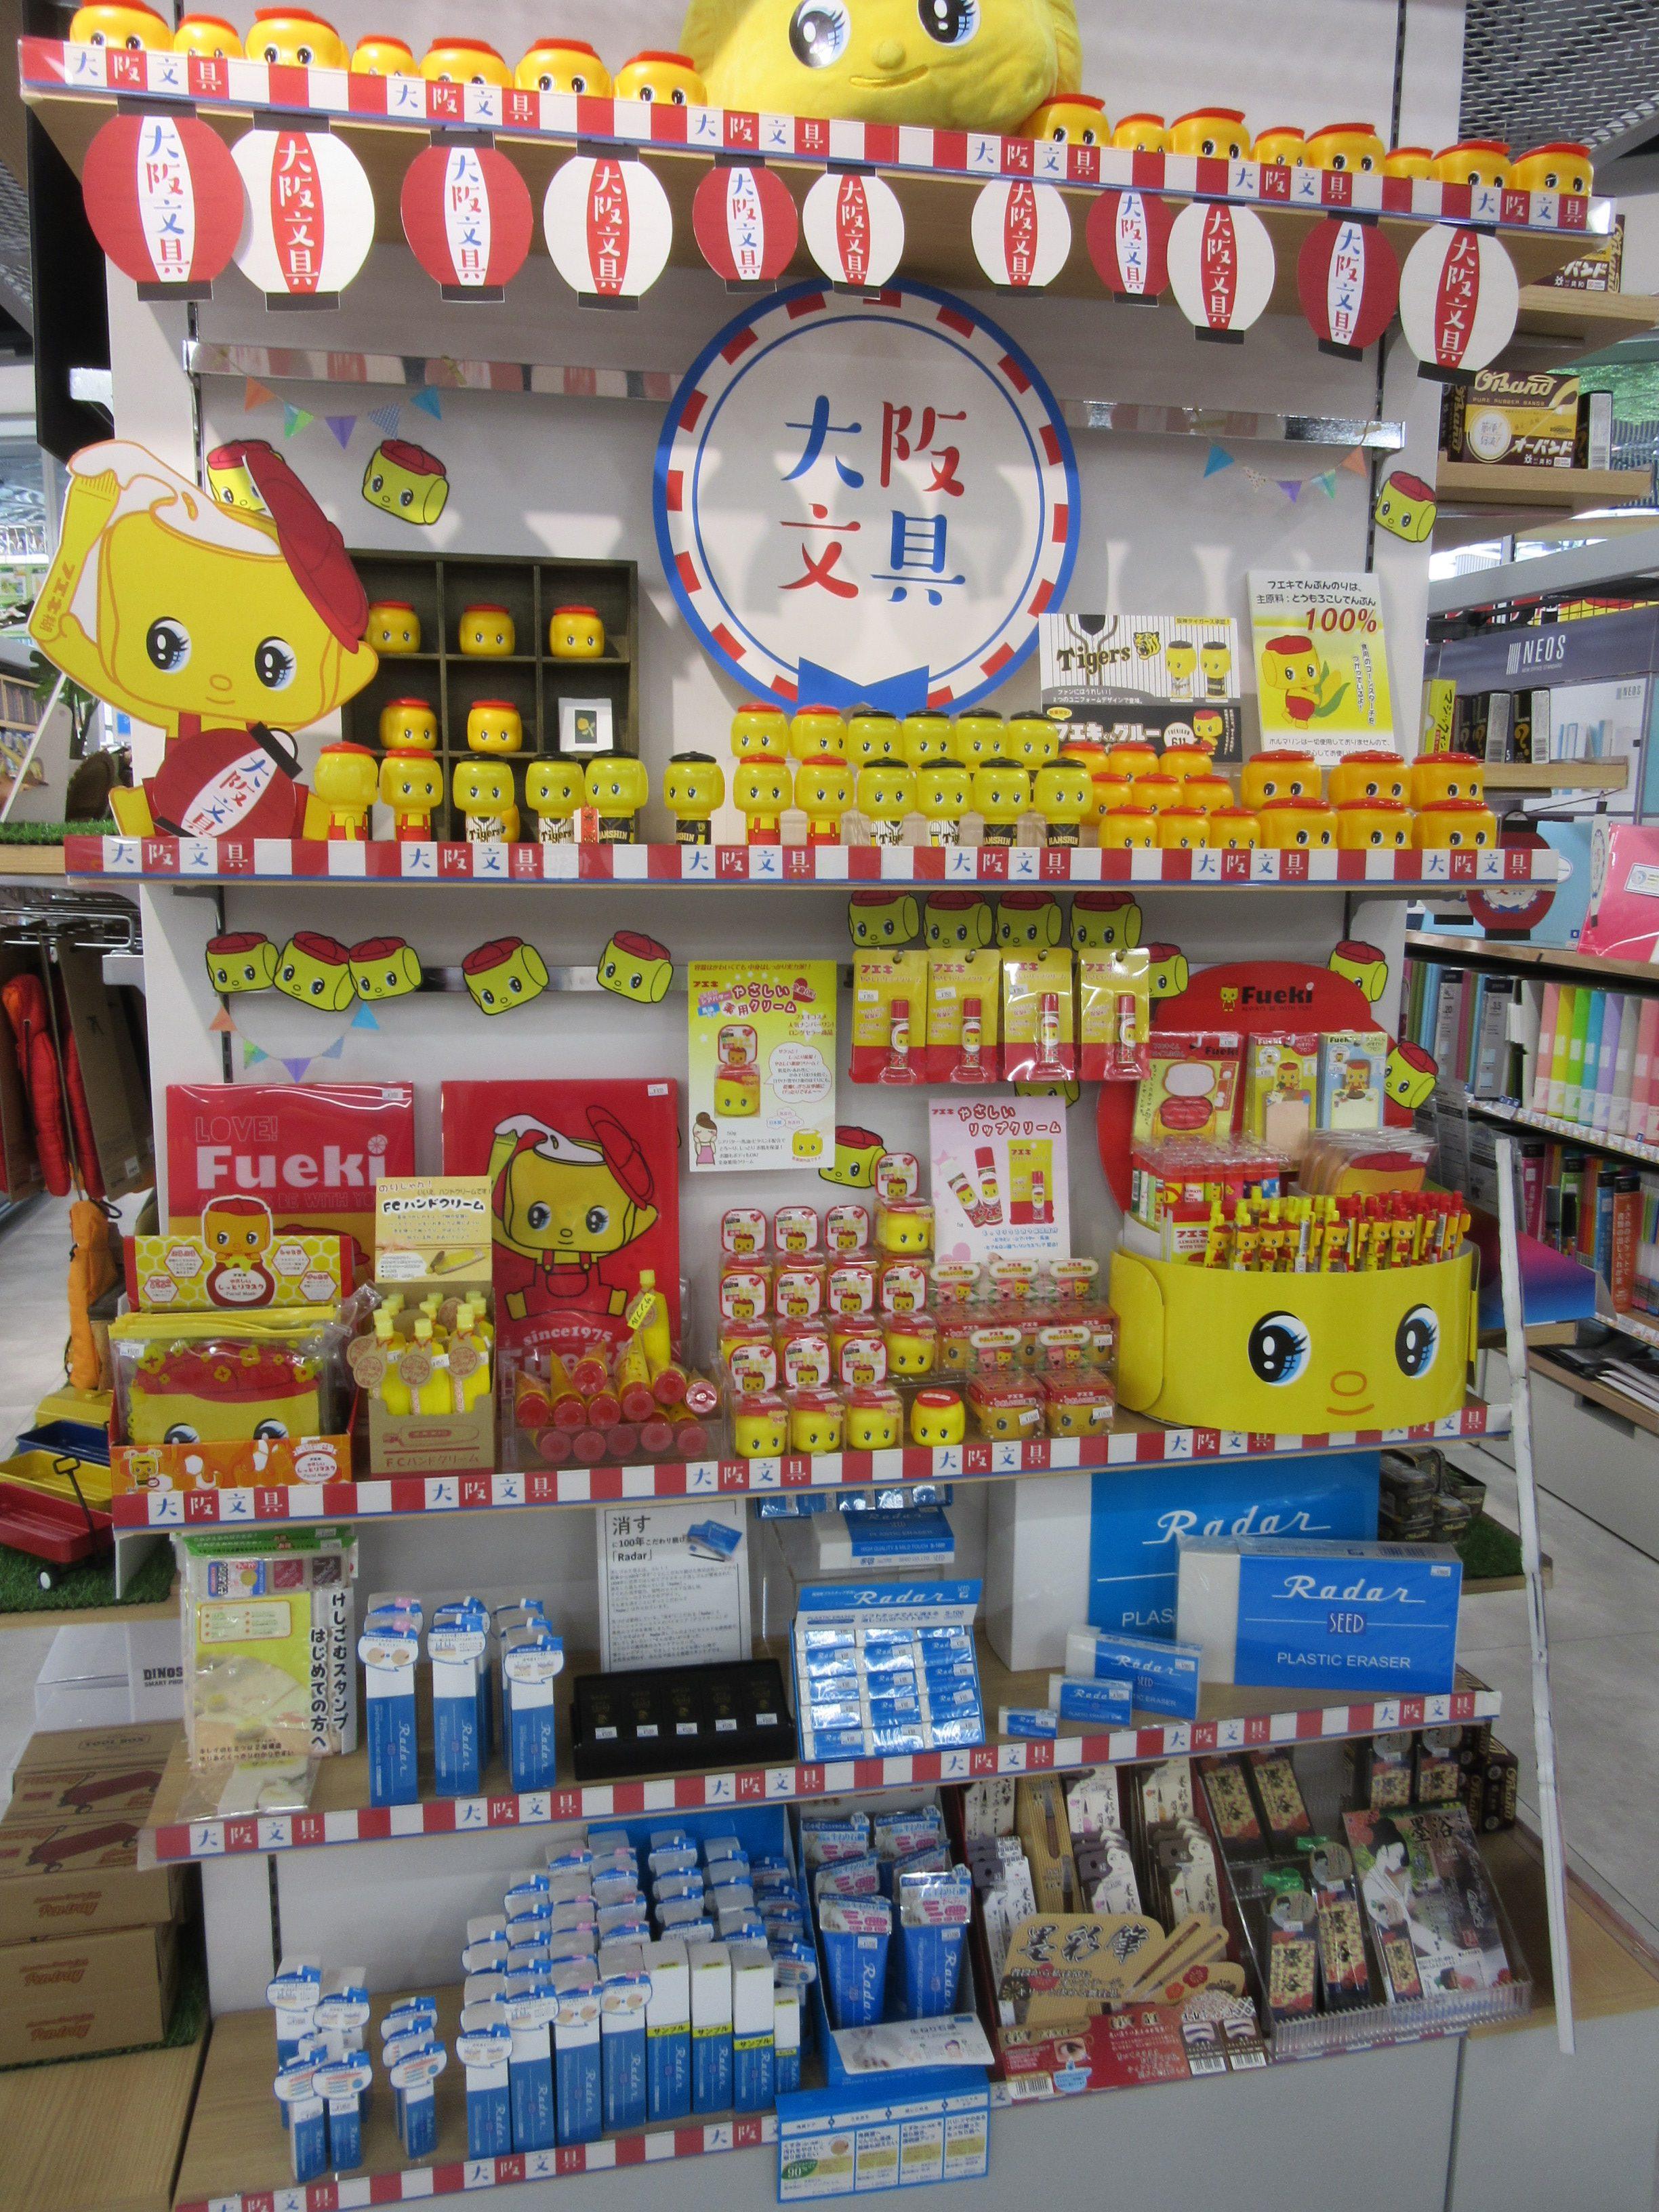 大阪に本社がある文具メーカーの商品を一同に集め、「大阪文具」とネーミング。用途が全く異なる文具を「大阪」という共通ワードで集合展示